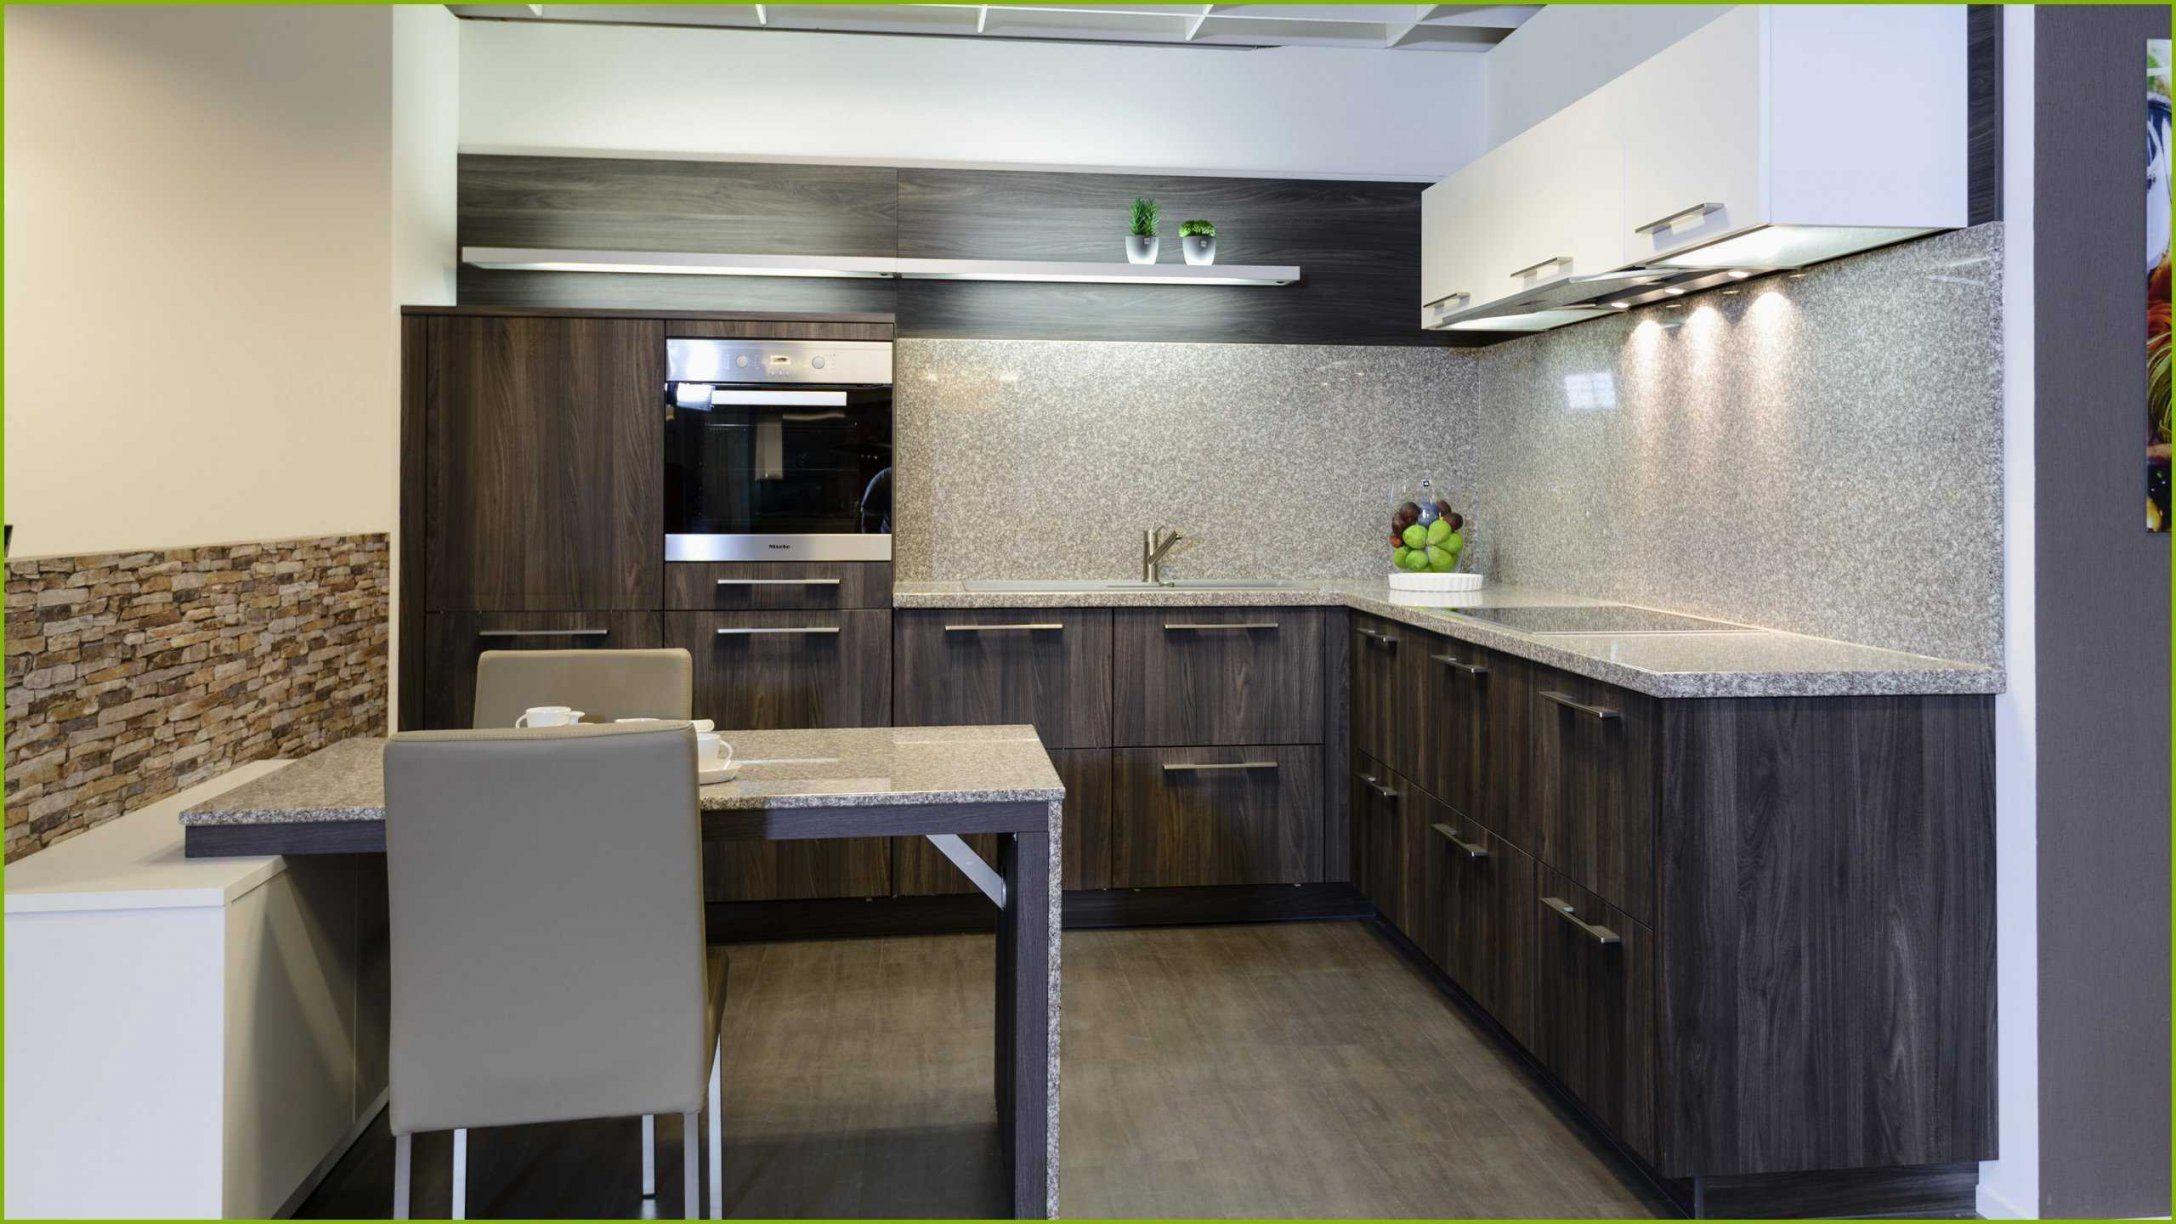 Full Size of Was Kostet Eine Küche Pro Meter Was Kostet Eine Küche Mit Elektrogeräten Was Kostet Eine Küche In Der Schweiz Was Kostet Eine Küche Vom Tischler Küche Was Kostet Eine Küche